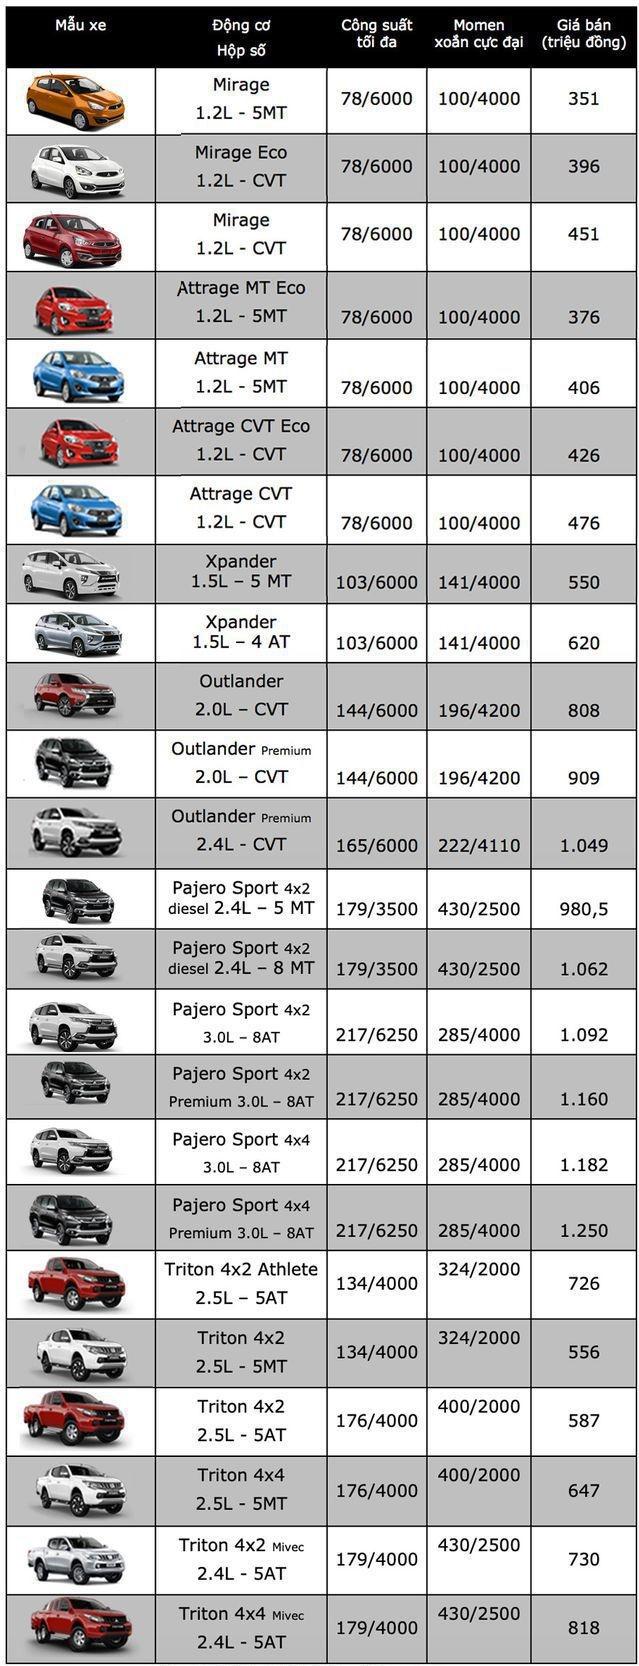 Bảng giá ô tô Mitsubishi mới nhất tháng 7/2019: Pajero Sport dao động từ 980,5-1,25 tỷ đồng - Ảnh 2